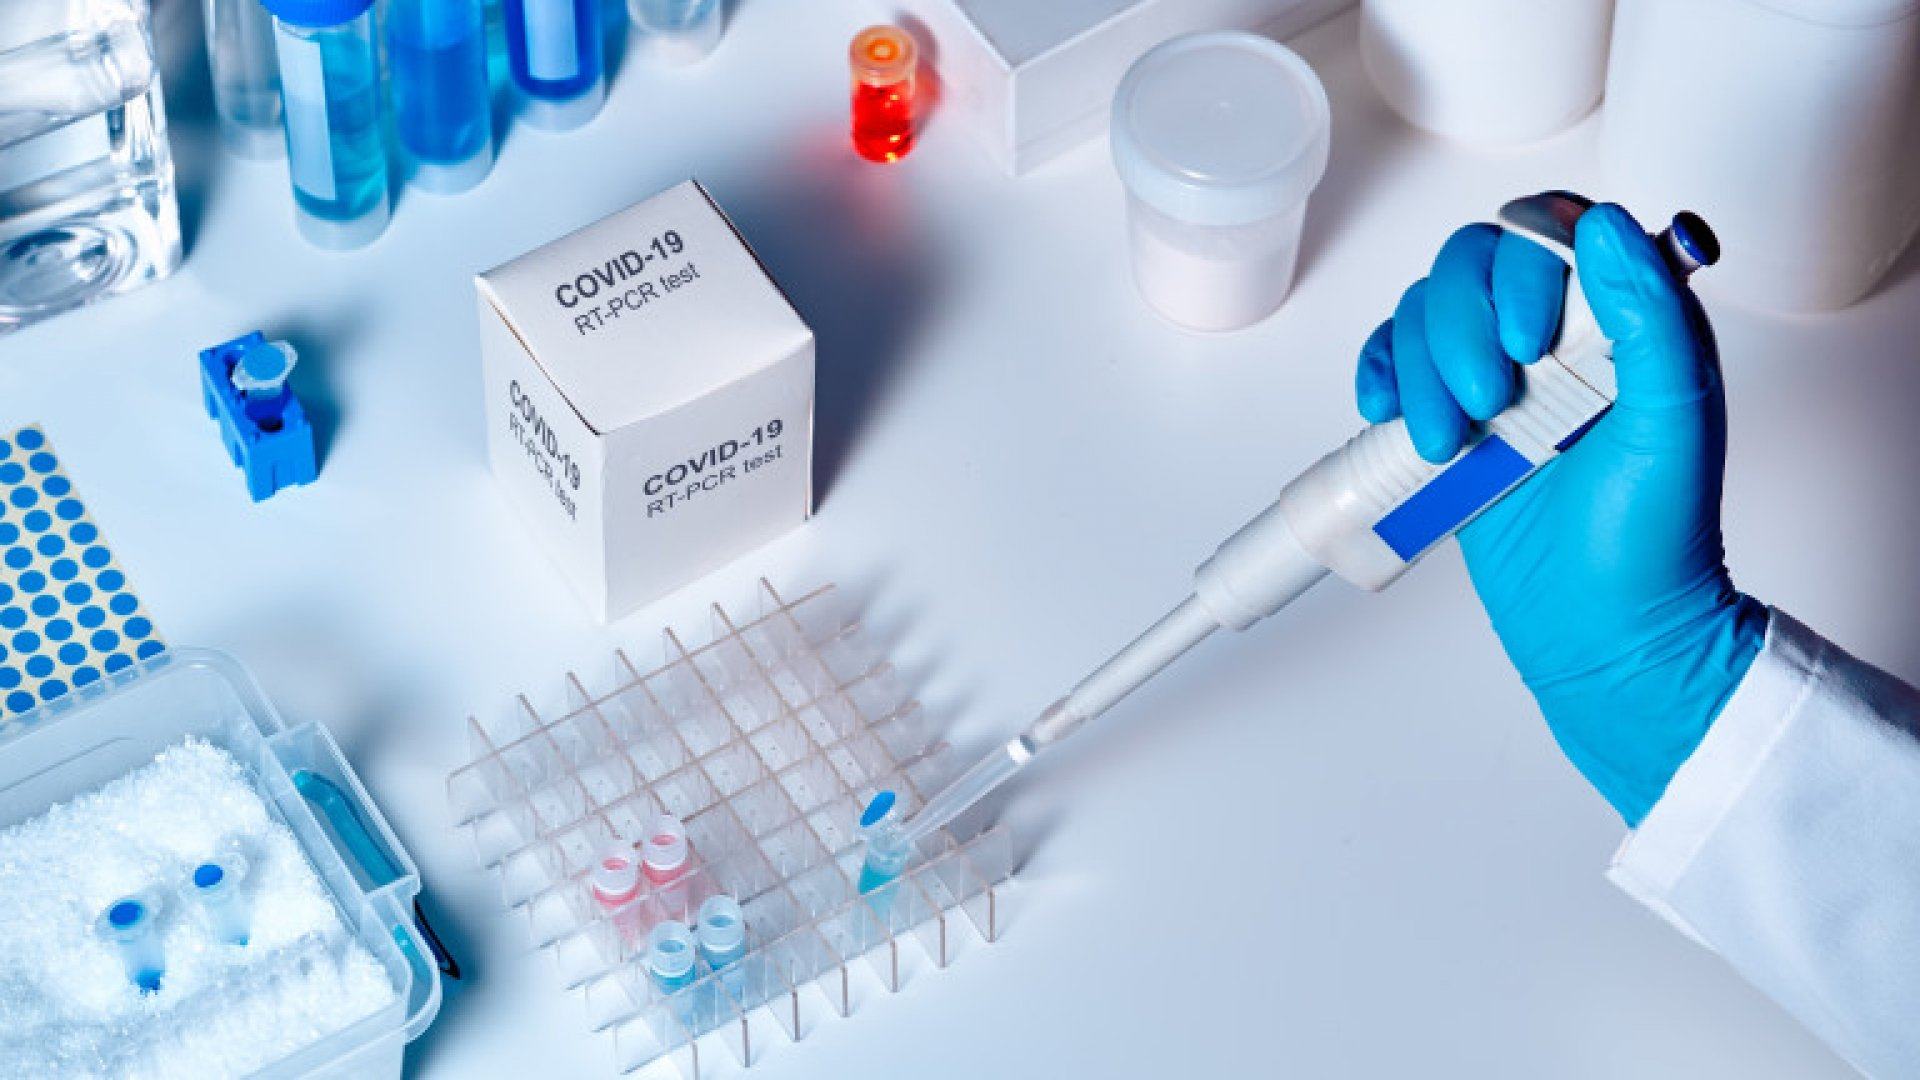 212 души с доказана корона вирусна инфекция са на лечение в болници. Снимката е илюстративна